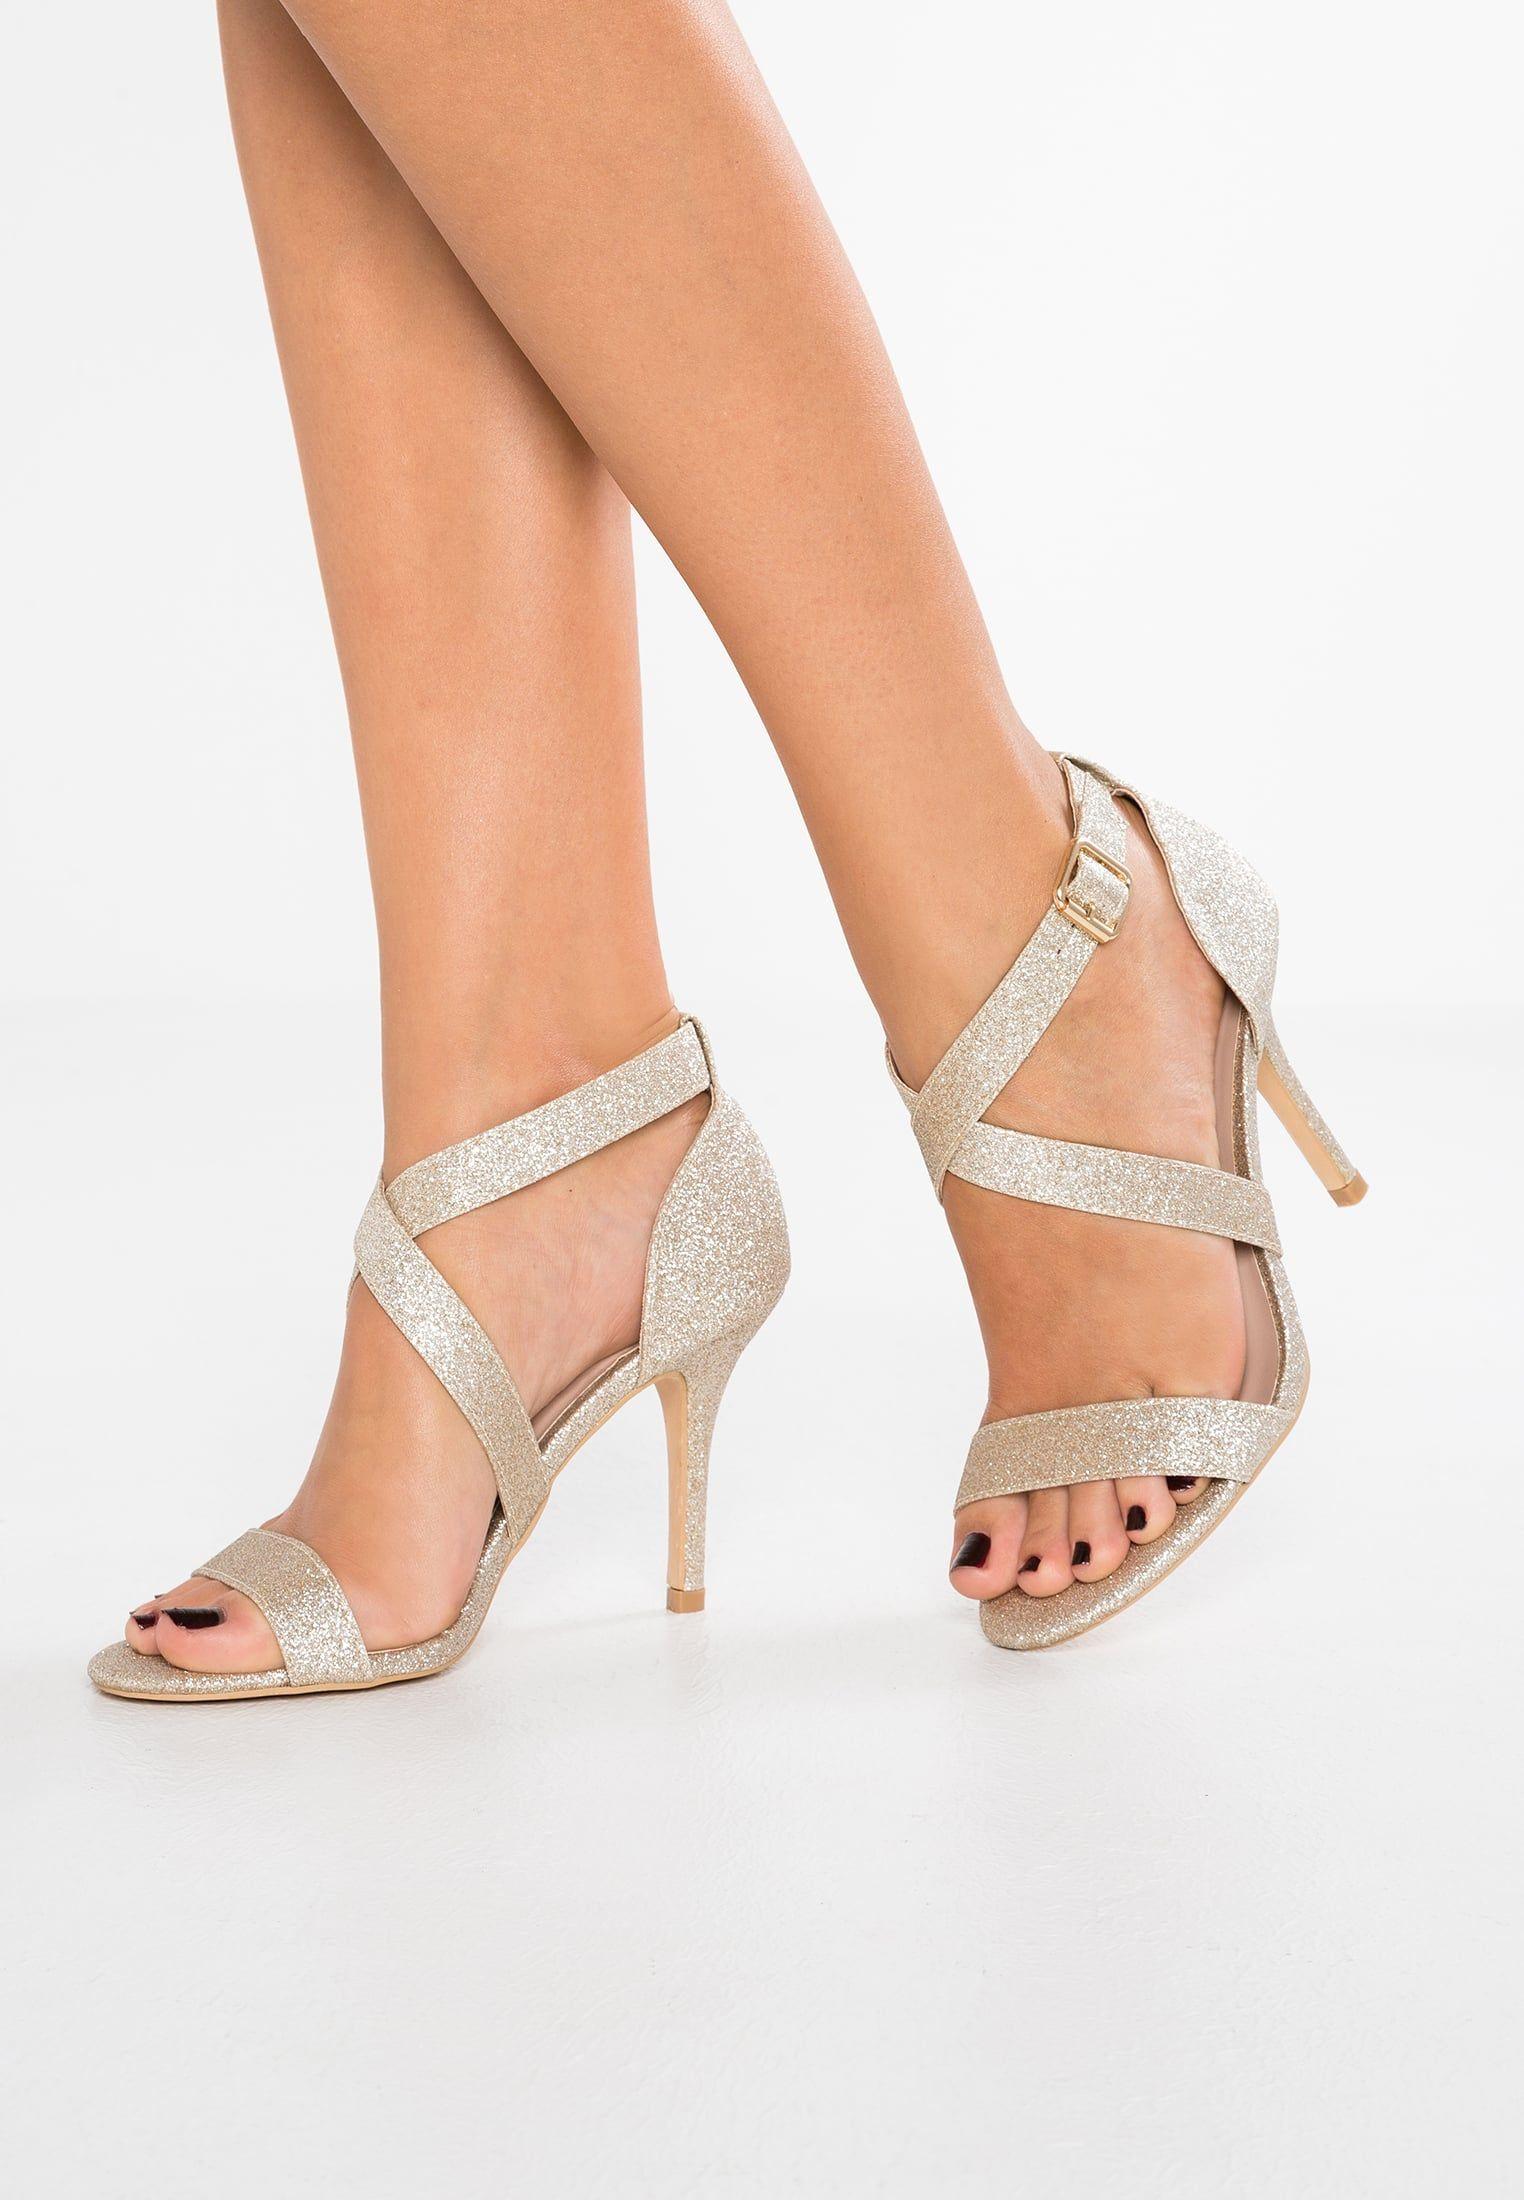 73860bd4 Zapatos de mujer. Dorothy Perkins SANDRINE - Sandalias - gold - Zalando.es